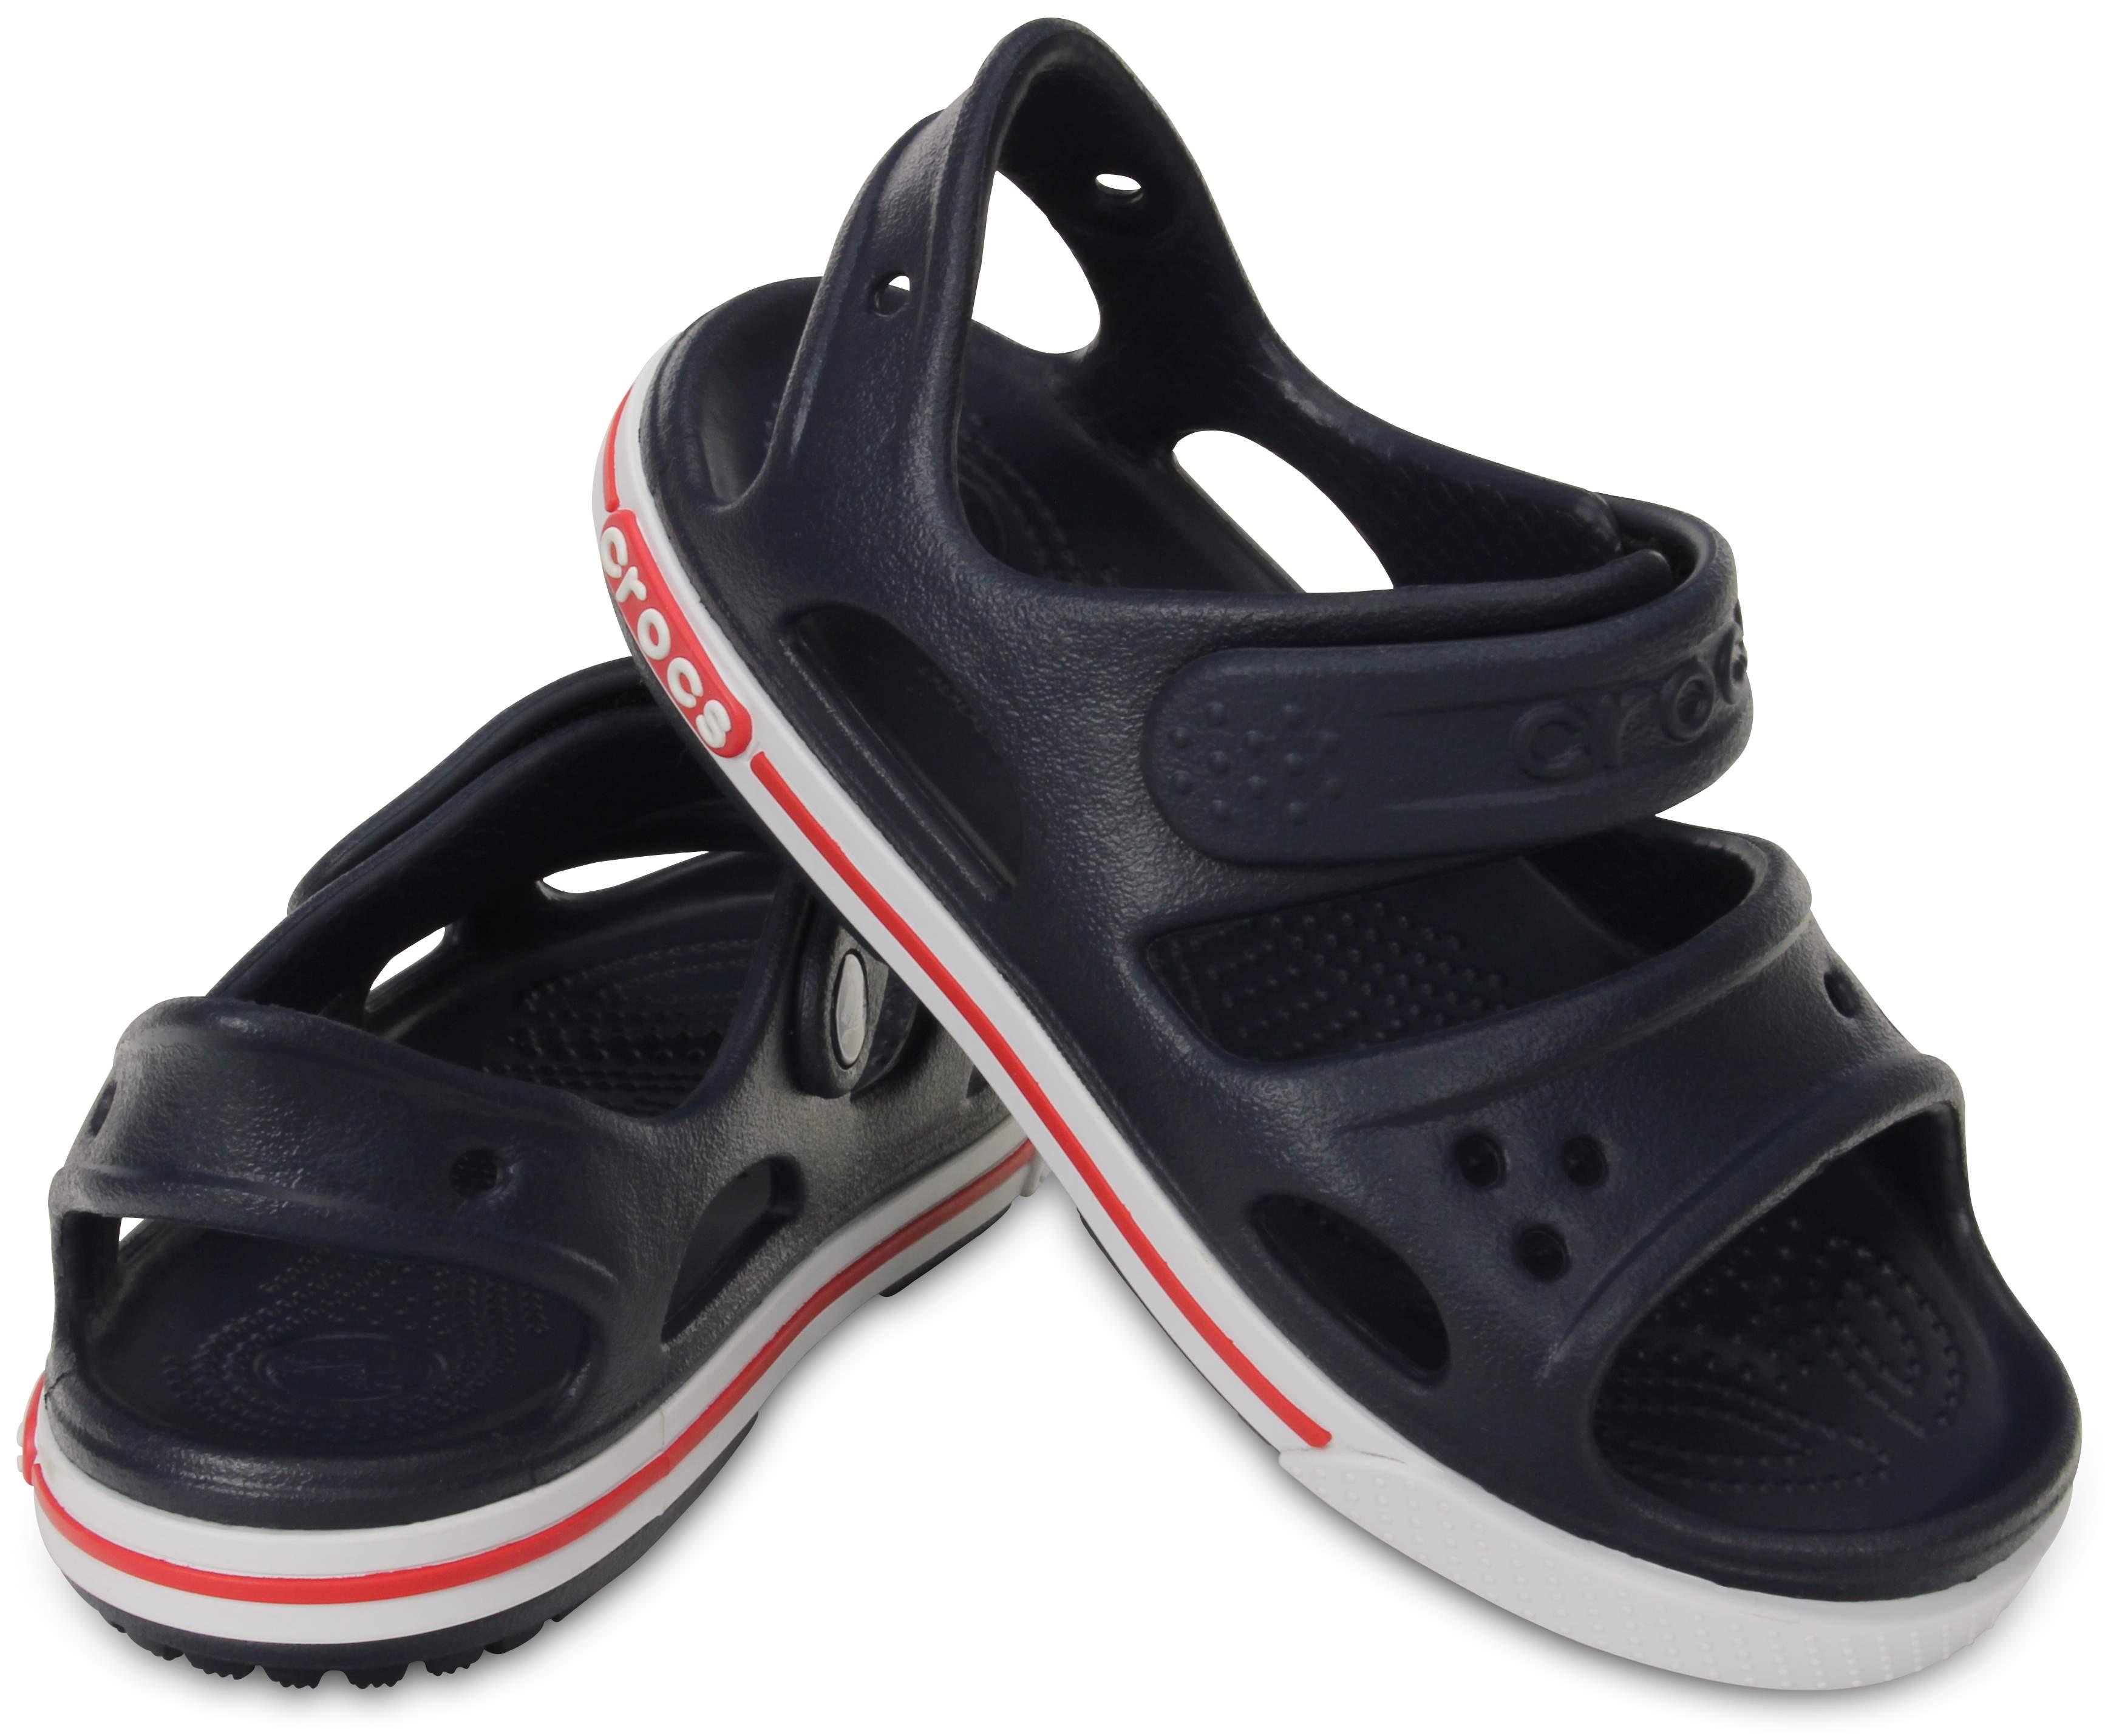 【クロックス公式】 クロックバンド 2.0 サンダル PS Kids' Crocband II Sandal ユニセックス、キッズ、子供用、男の子、女の子、男女兼用 ブルー/青 13cm,14cm,15cm,15.5cm,19.5cm,20cm,21cm sandal サンダル